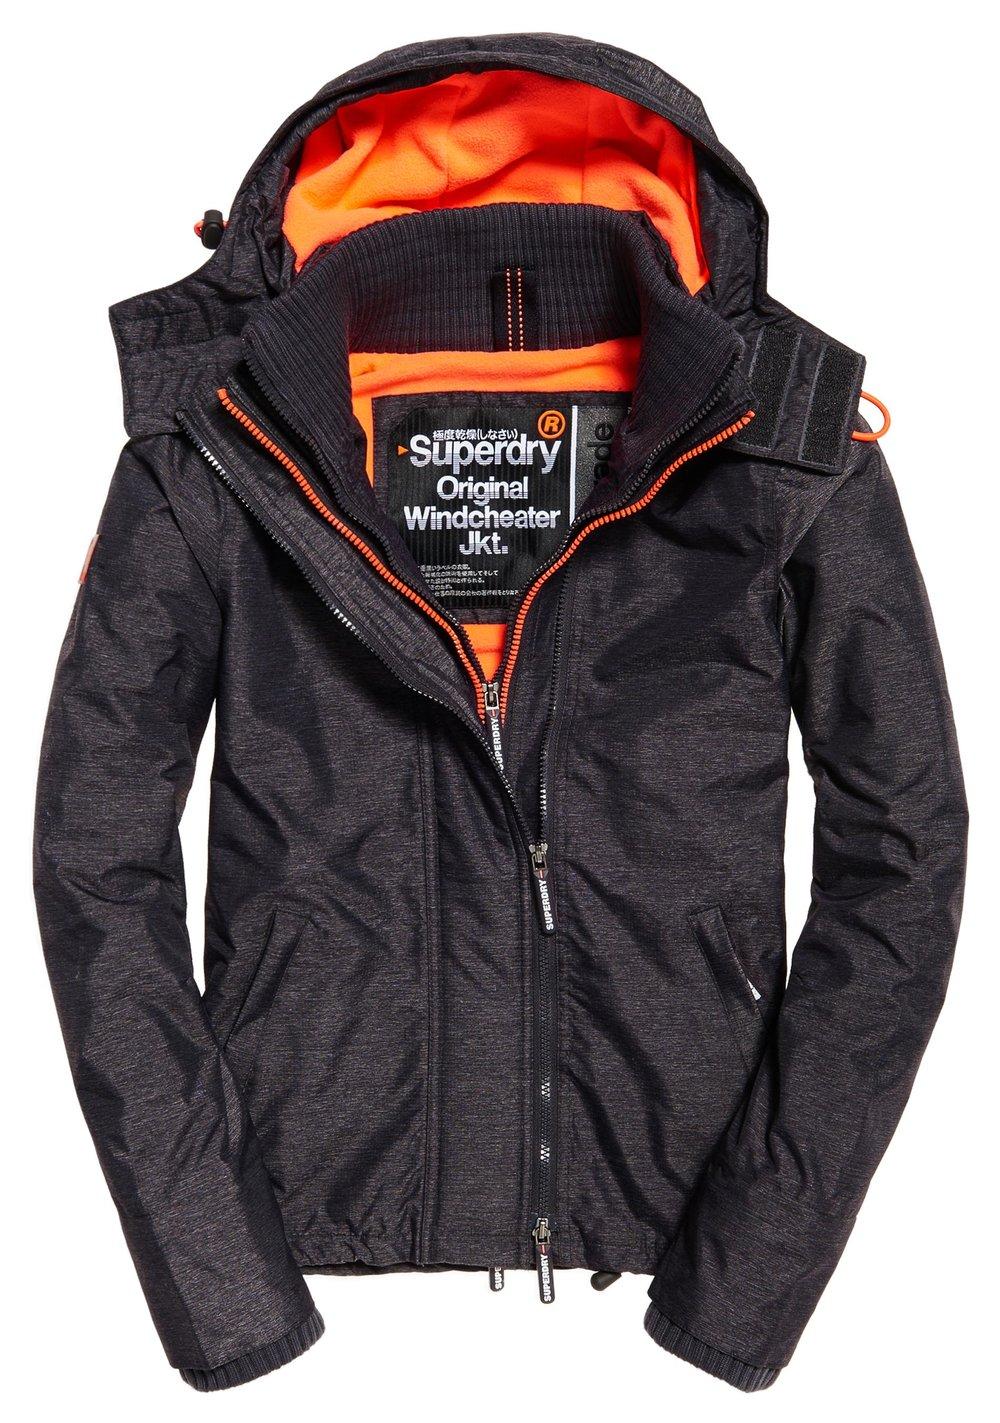 Superdry Pop Zip Hood Arctic Windcheater £69.99 - 109.95€ www.superdry.com.jpg